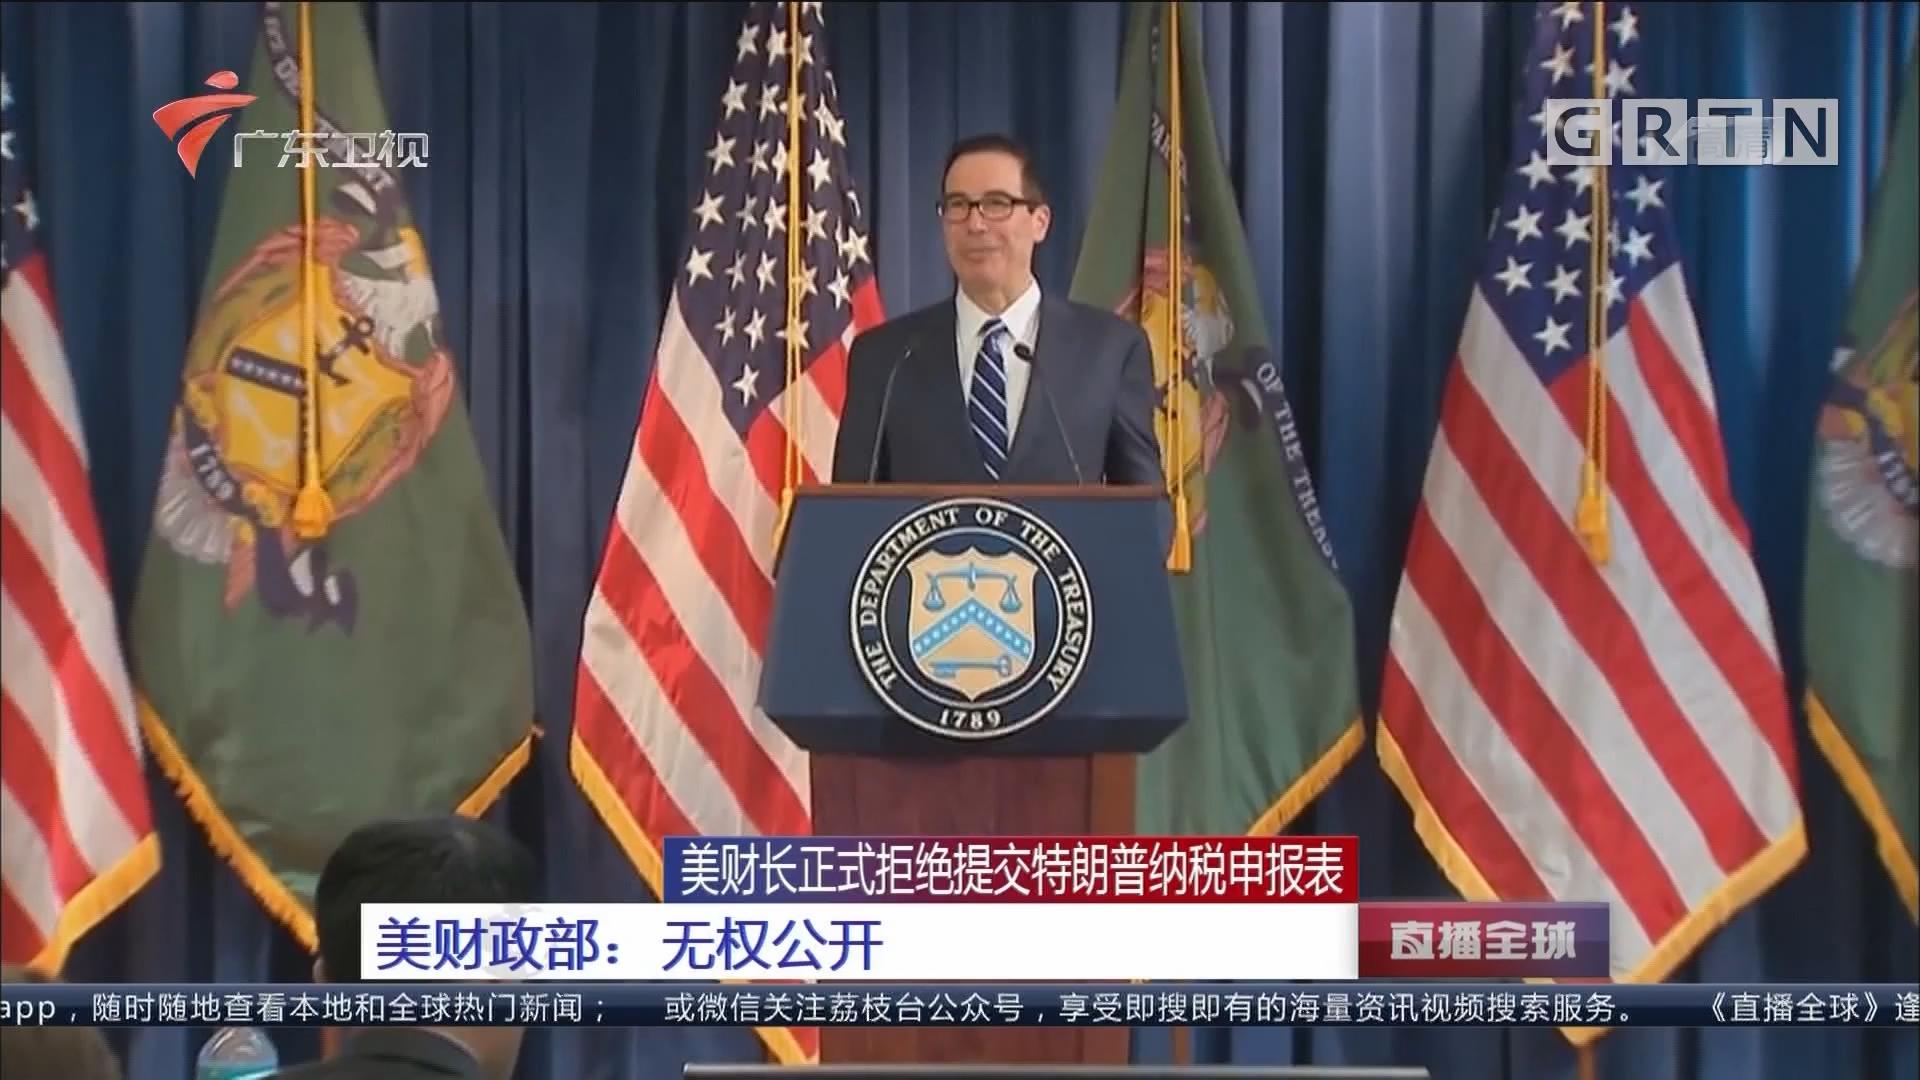 美财长正式拒绝提交特朗普纳税申报表 美财政部:无权公开